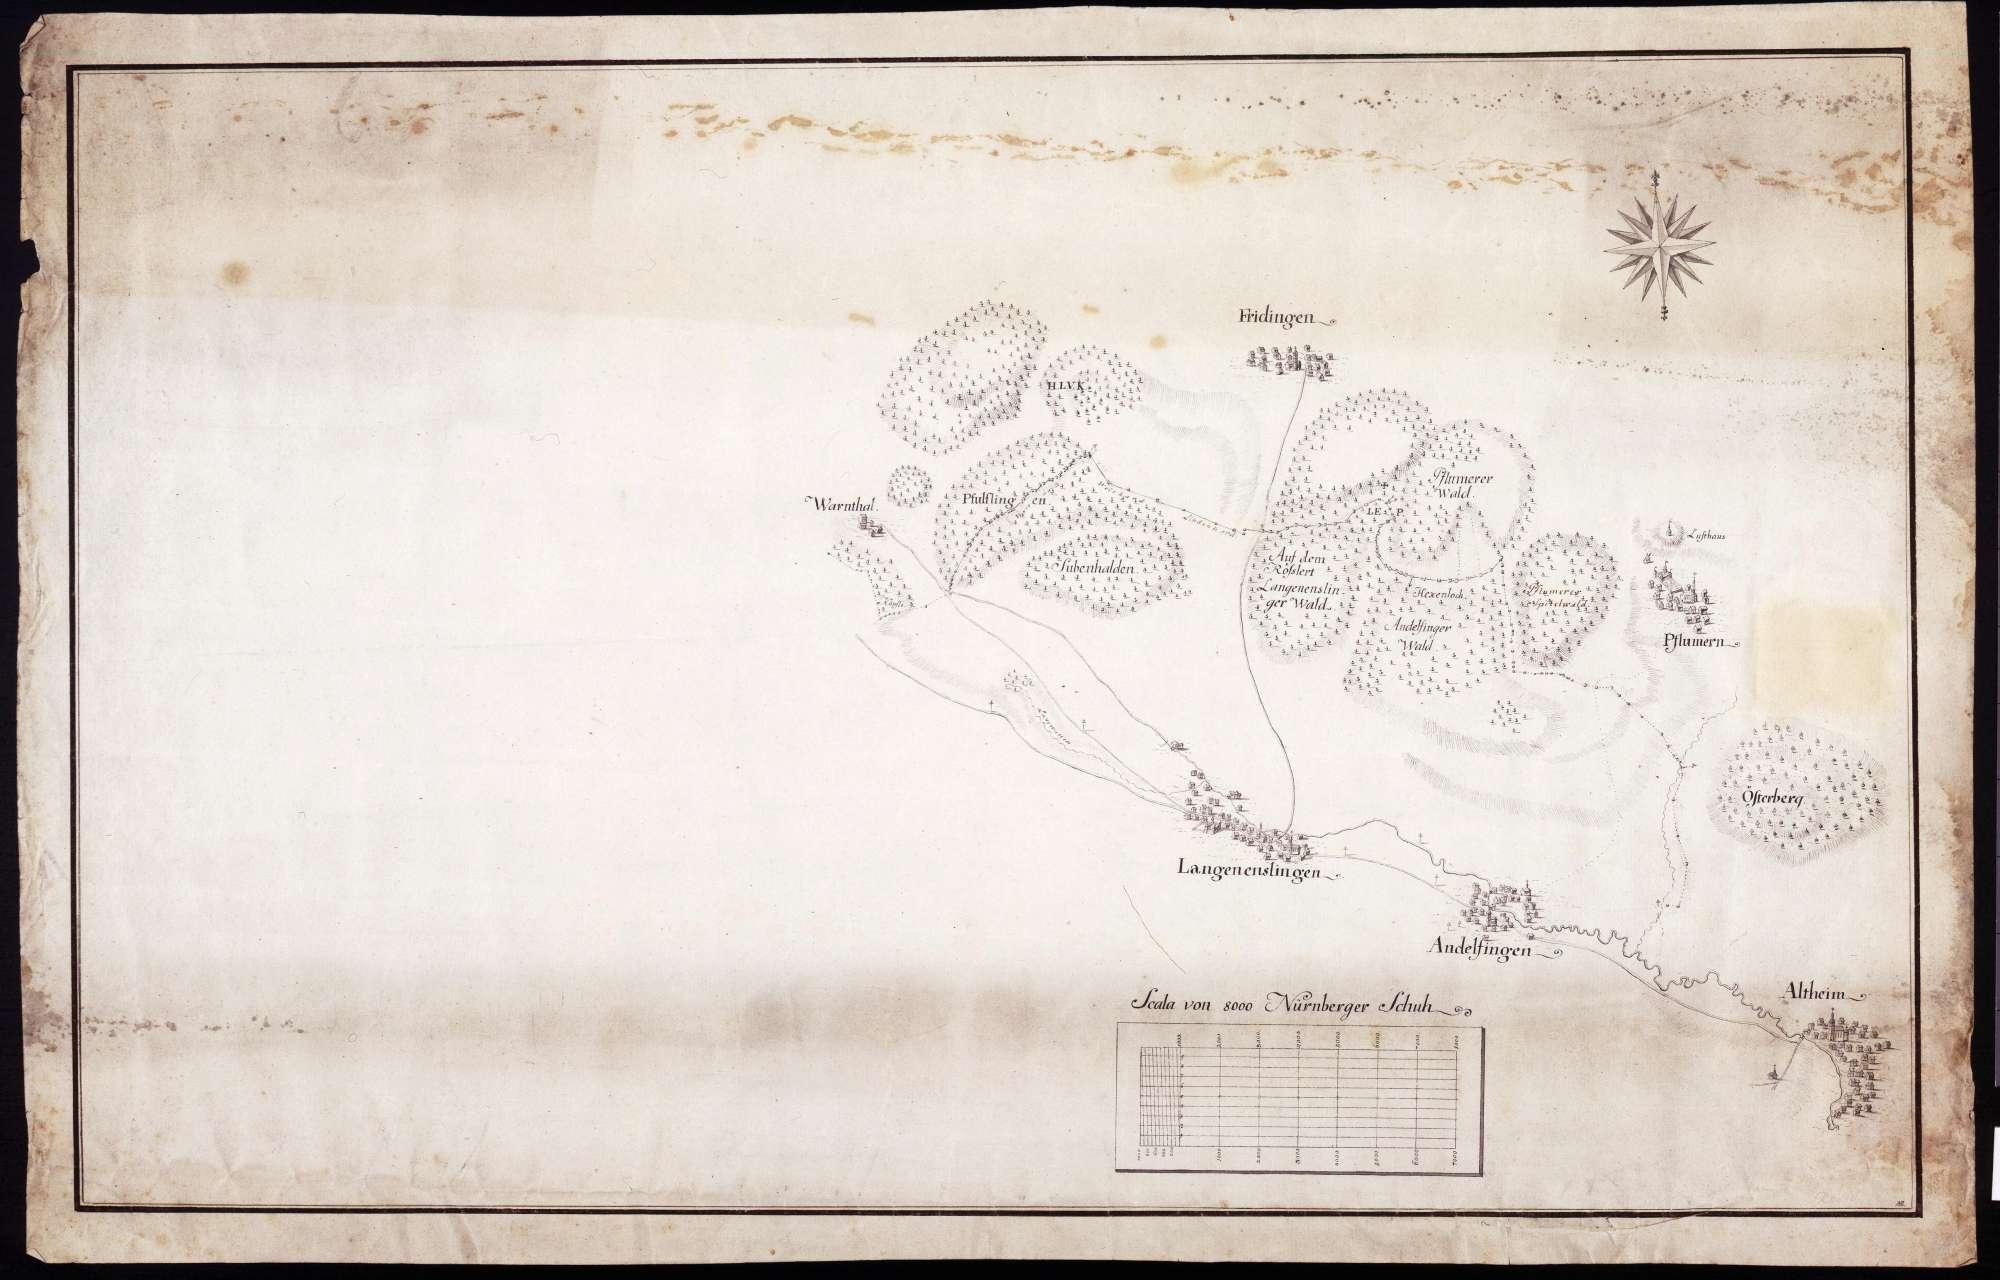 Lageplan von Altheim, Andelfingen, Langenenslingen, Warmtal (Warnthal), Friedingen und Pflummern, Bild 1